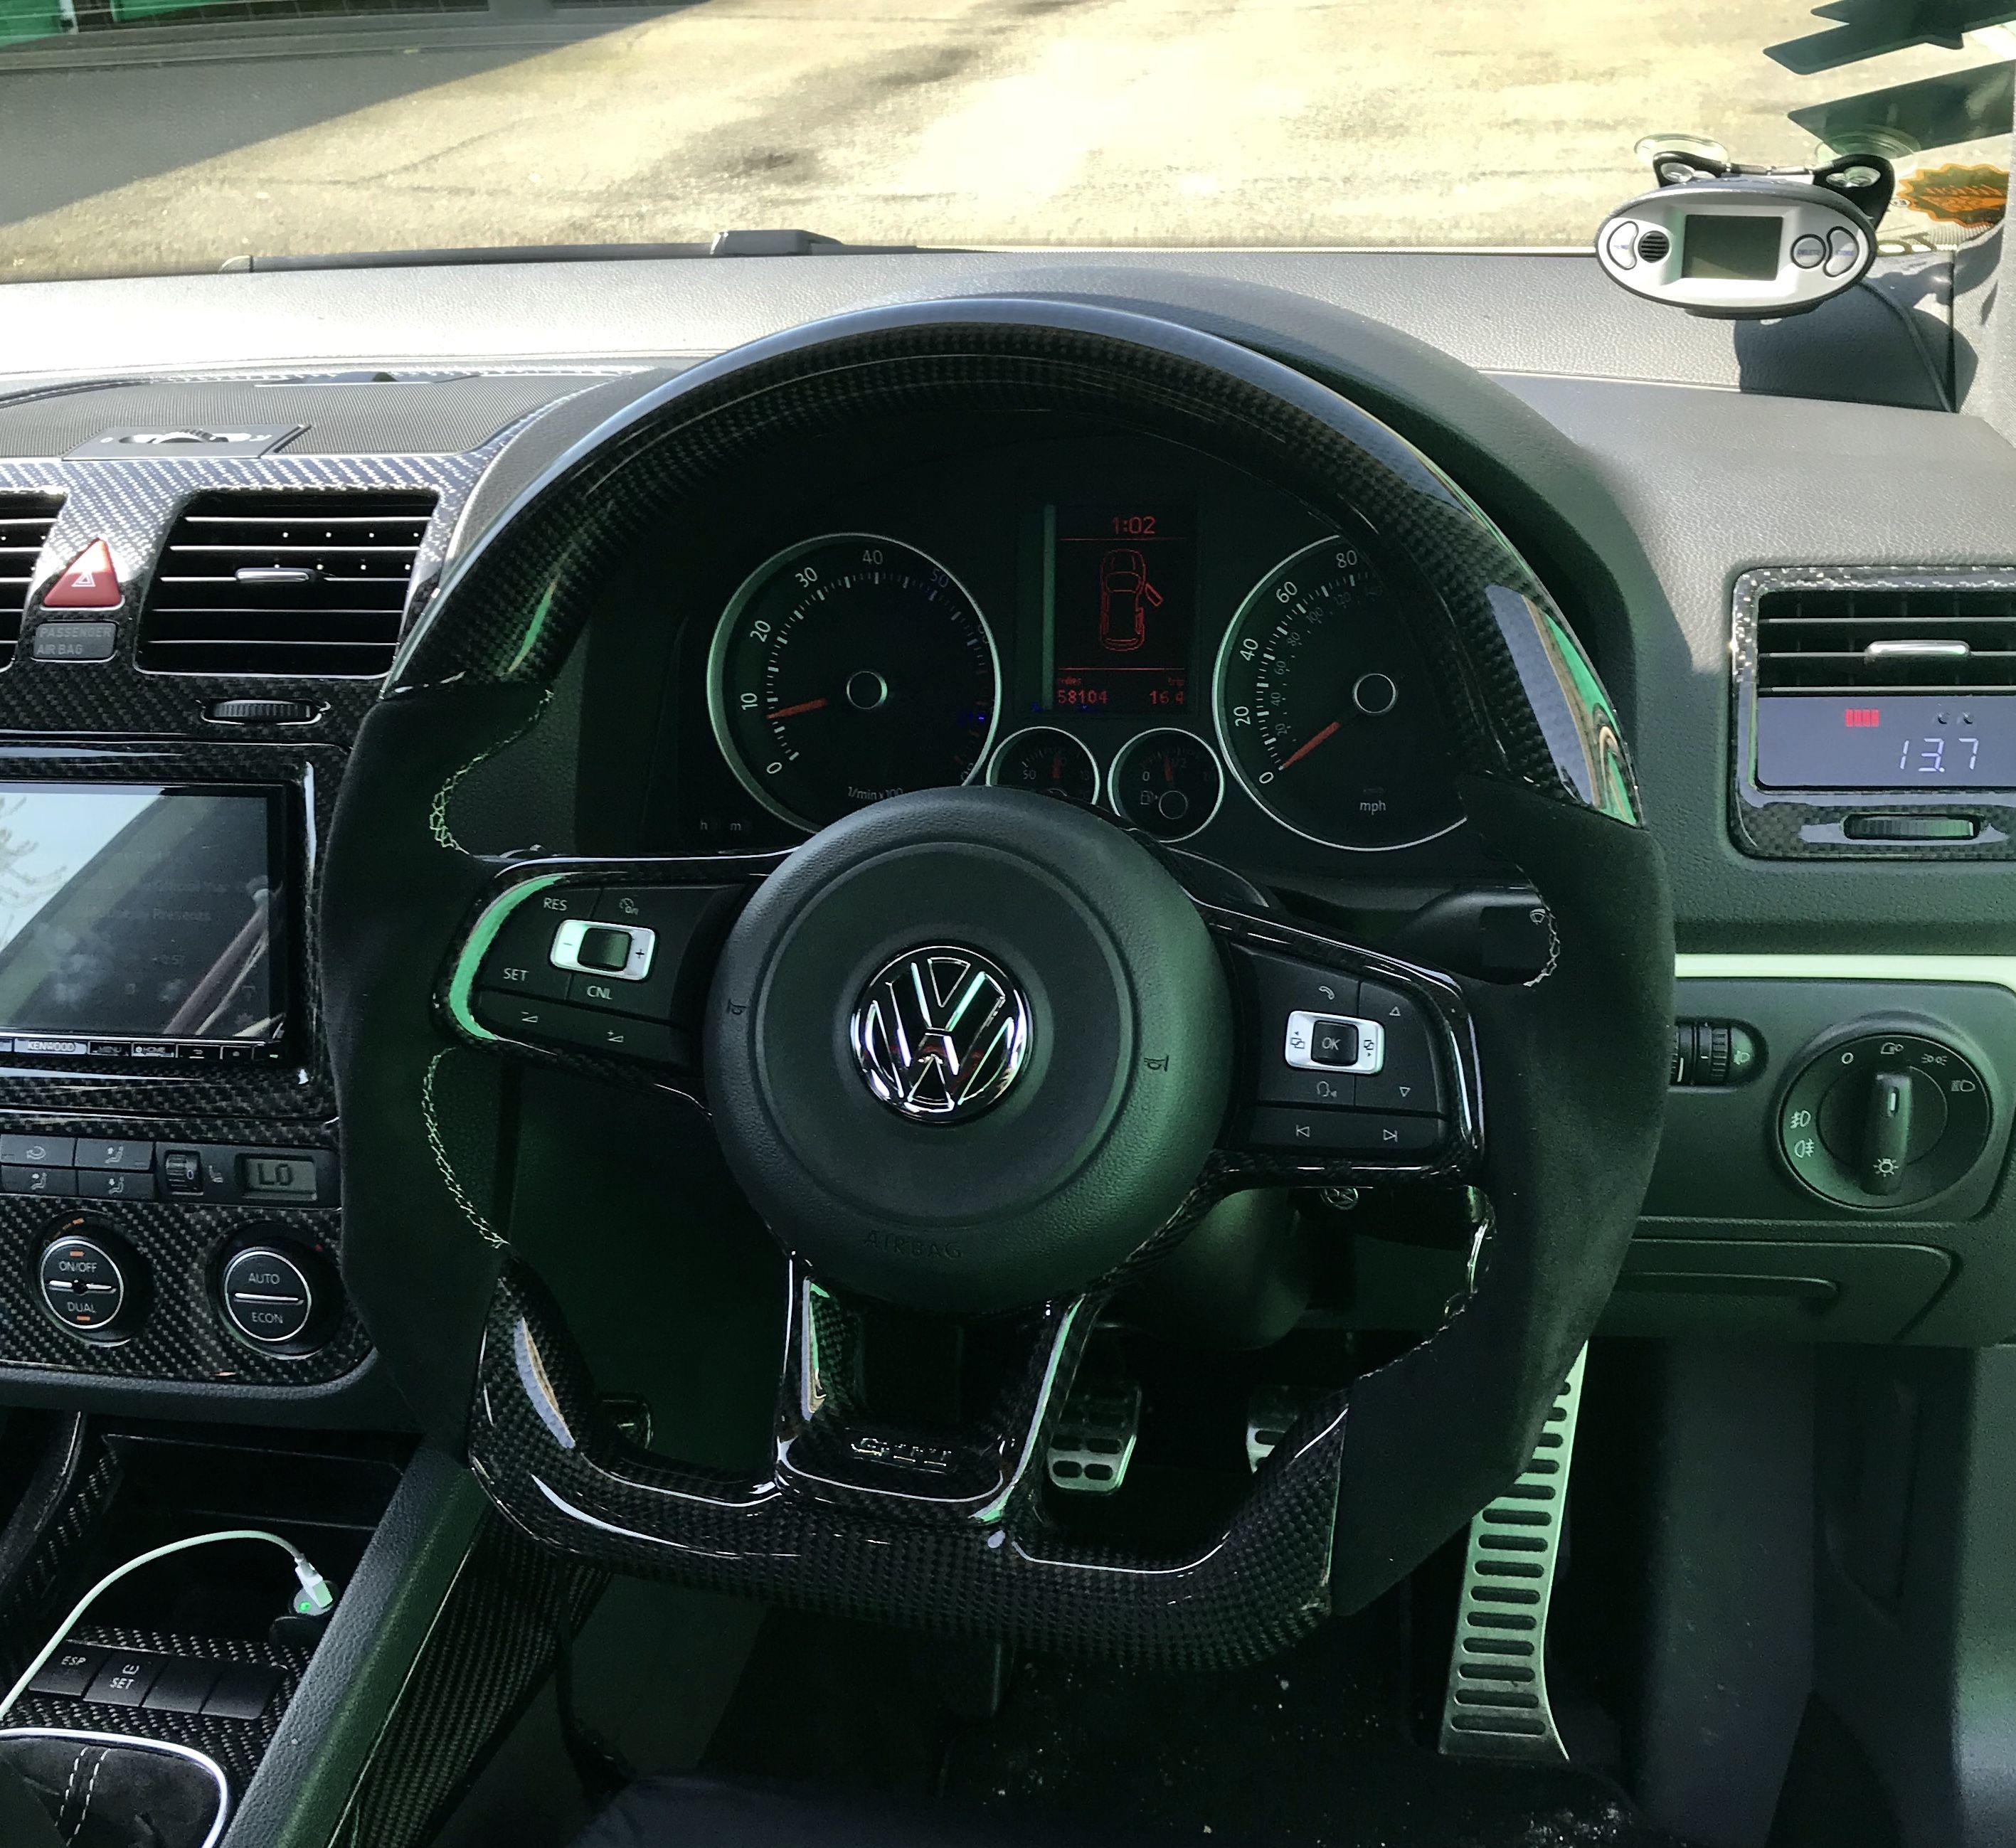 Vw Golf Gti Custom Steering Wheel Full Reshape Carbon Top